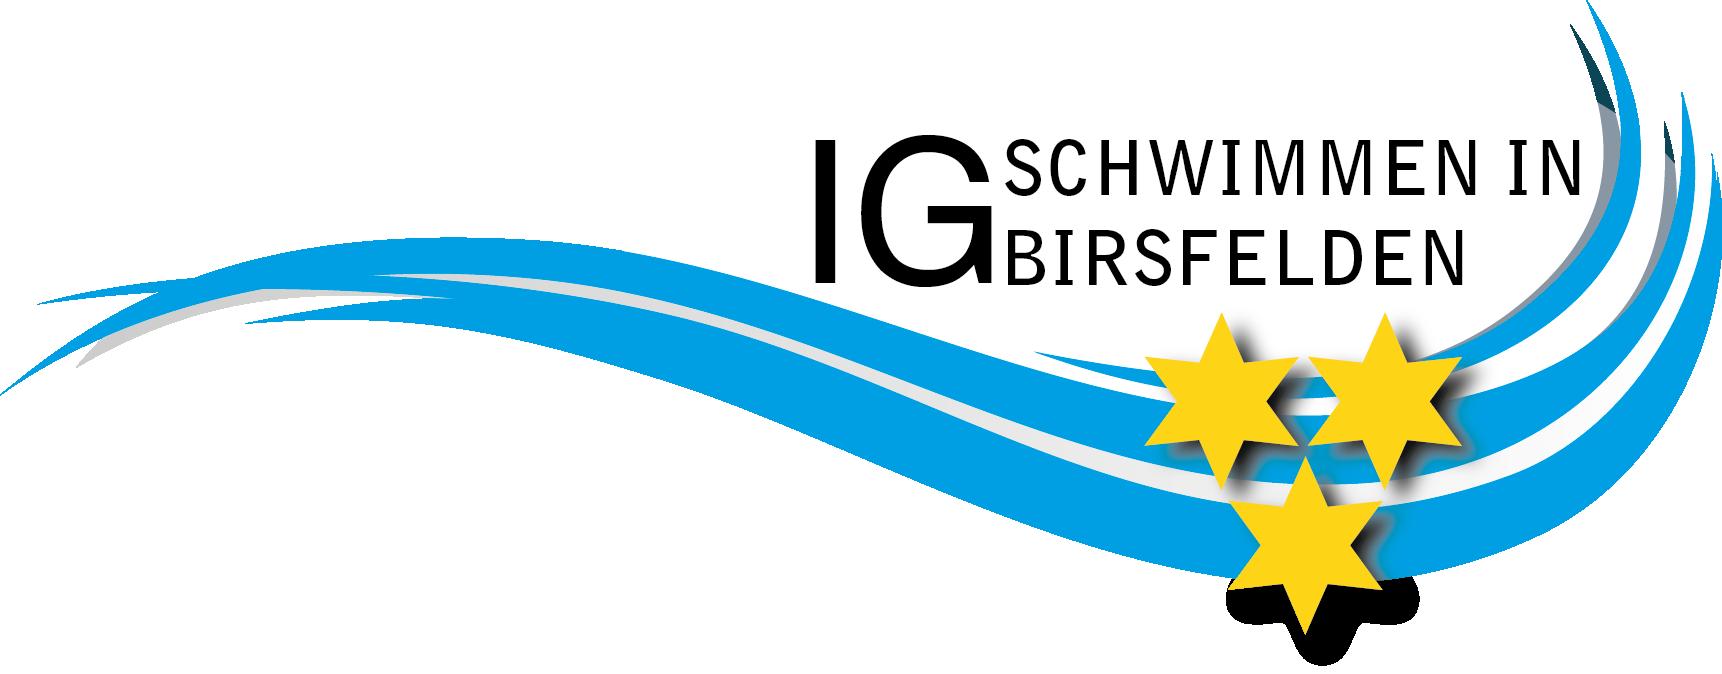 IG Schwimmen in Birsfelden